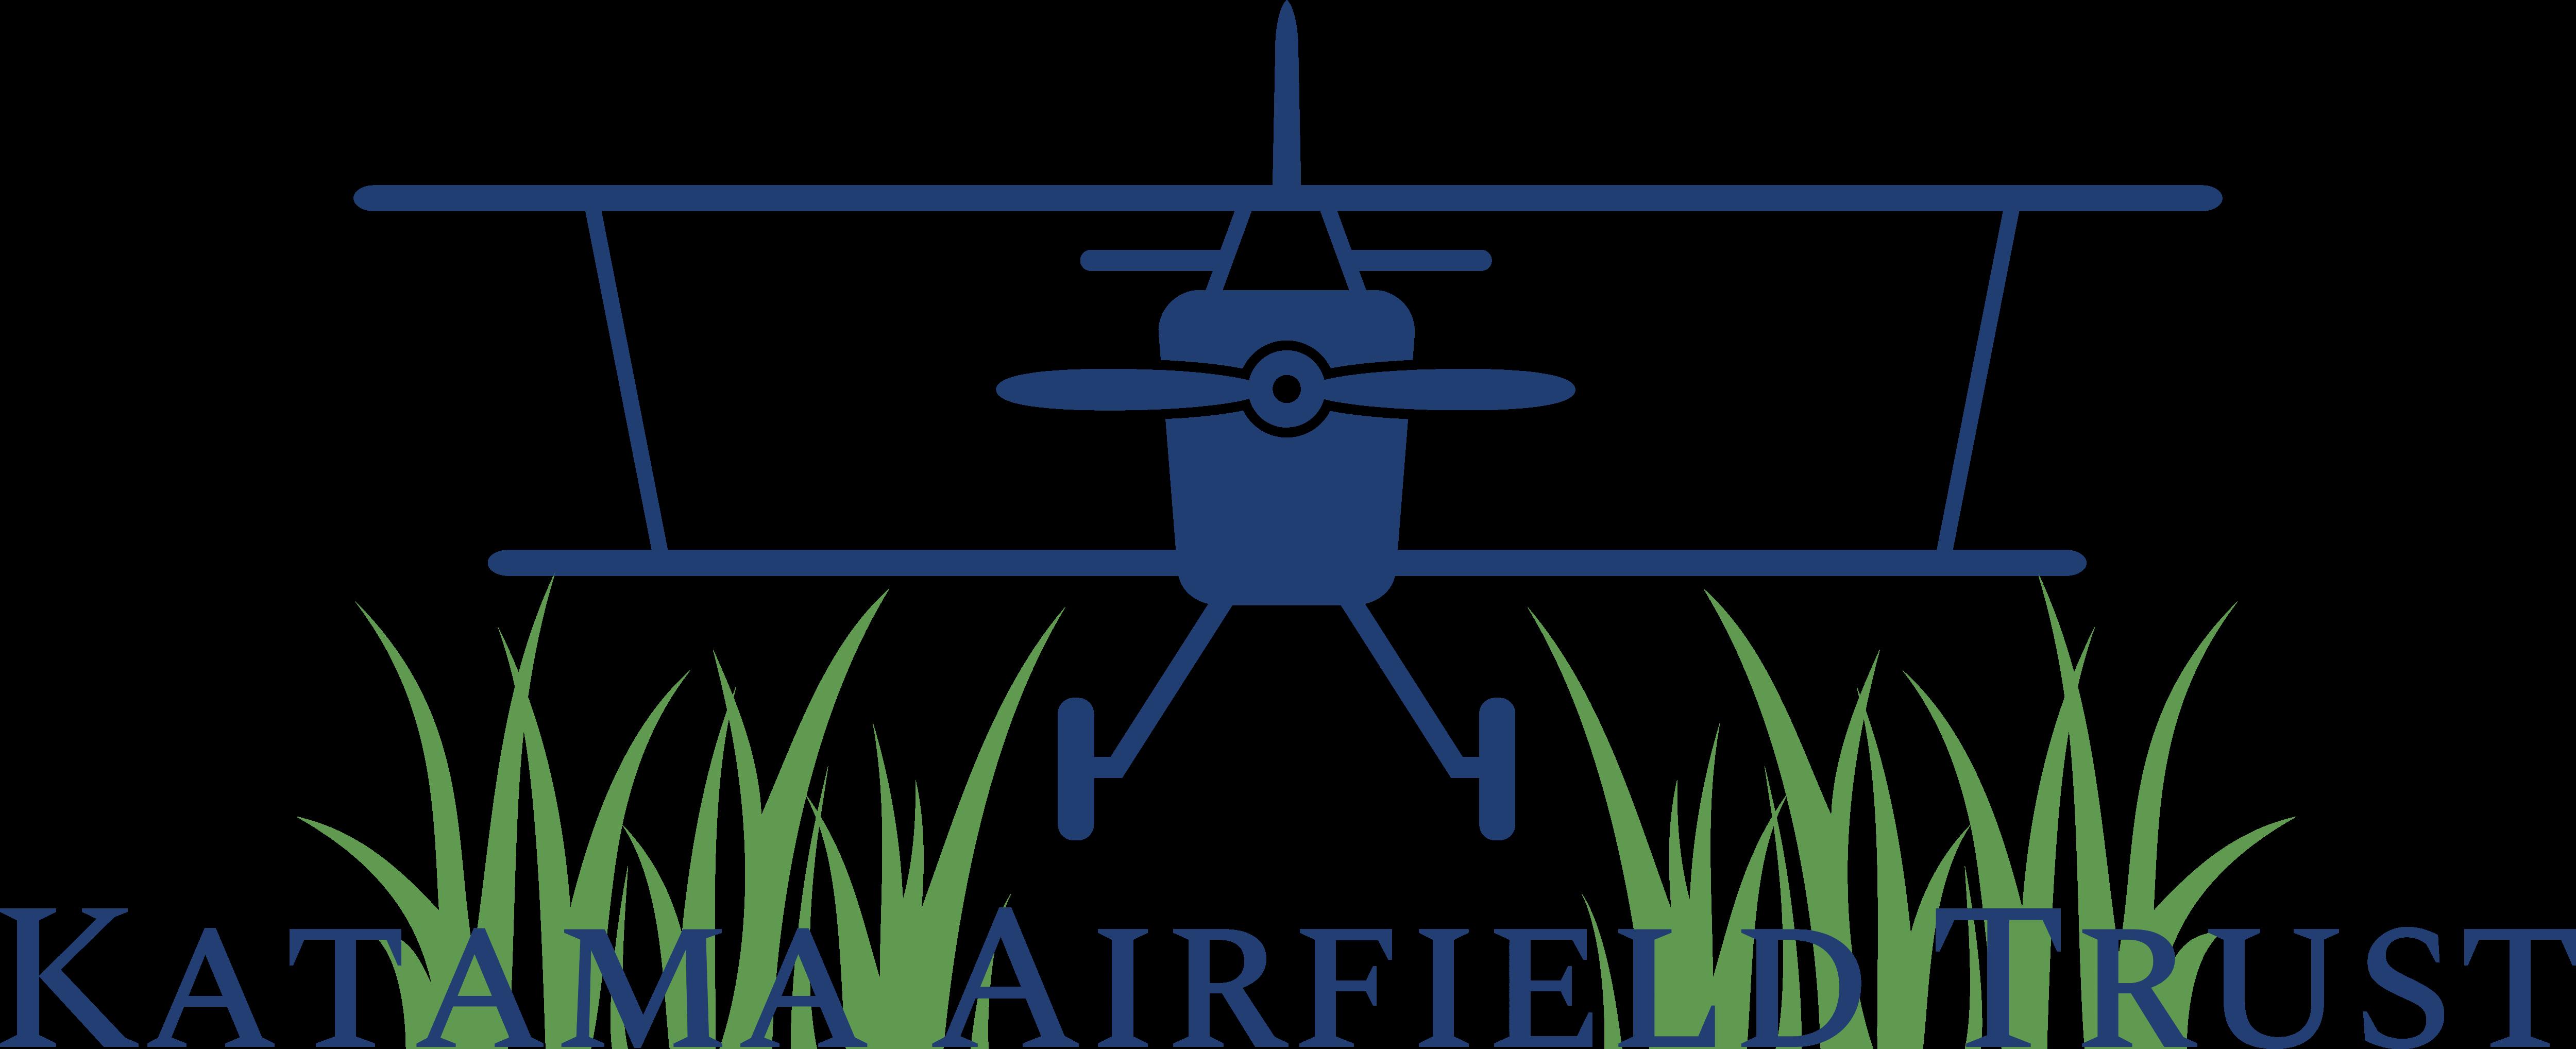 Katama Airfield Trust